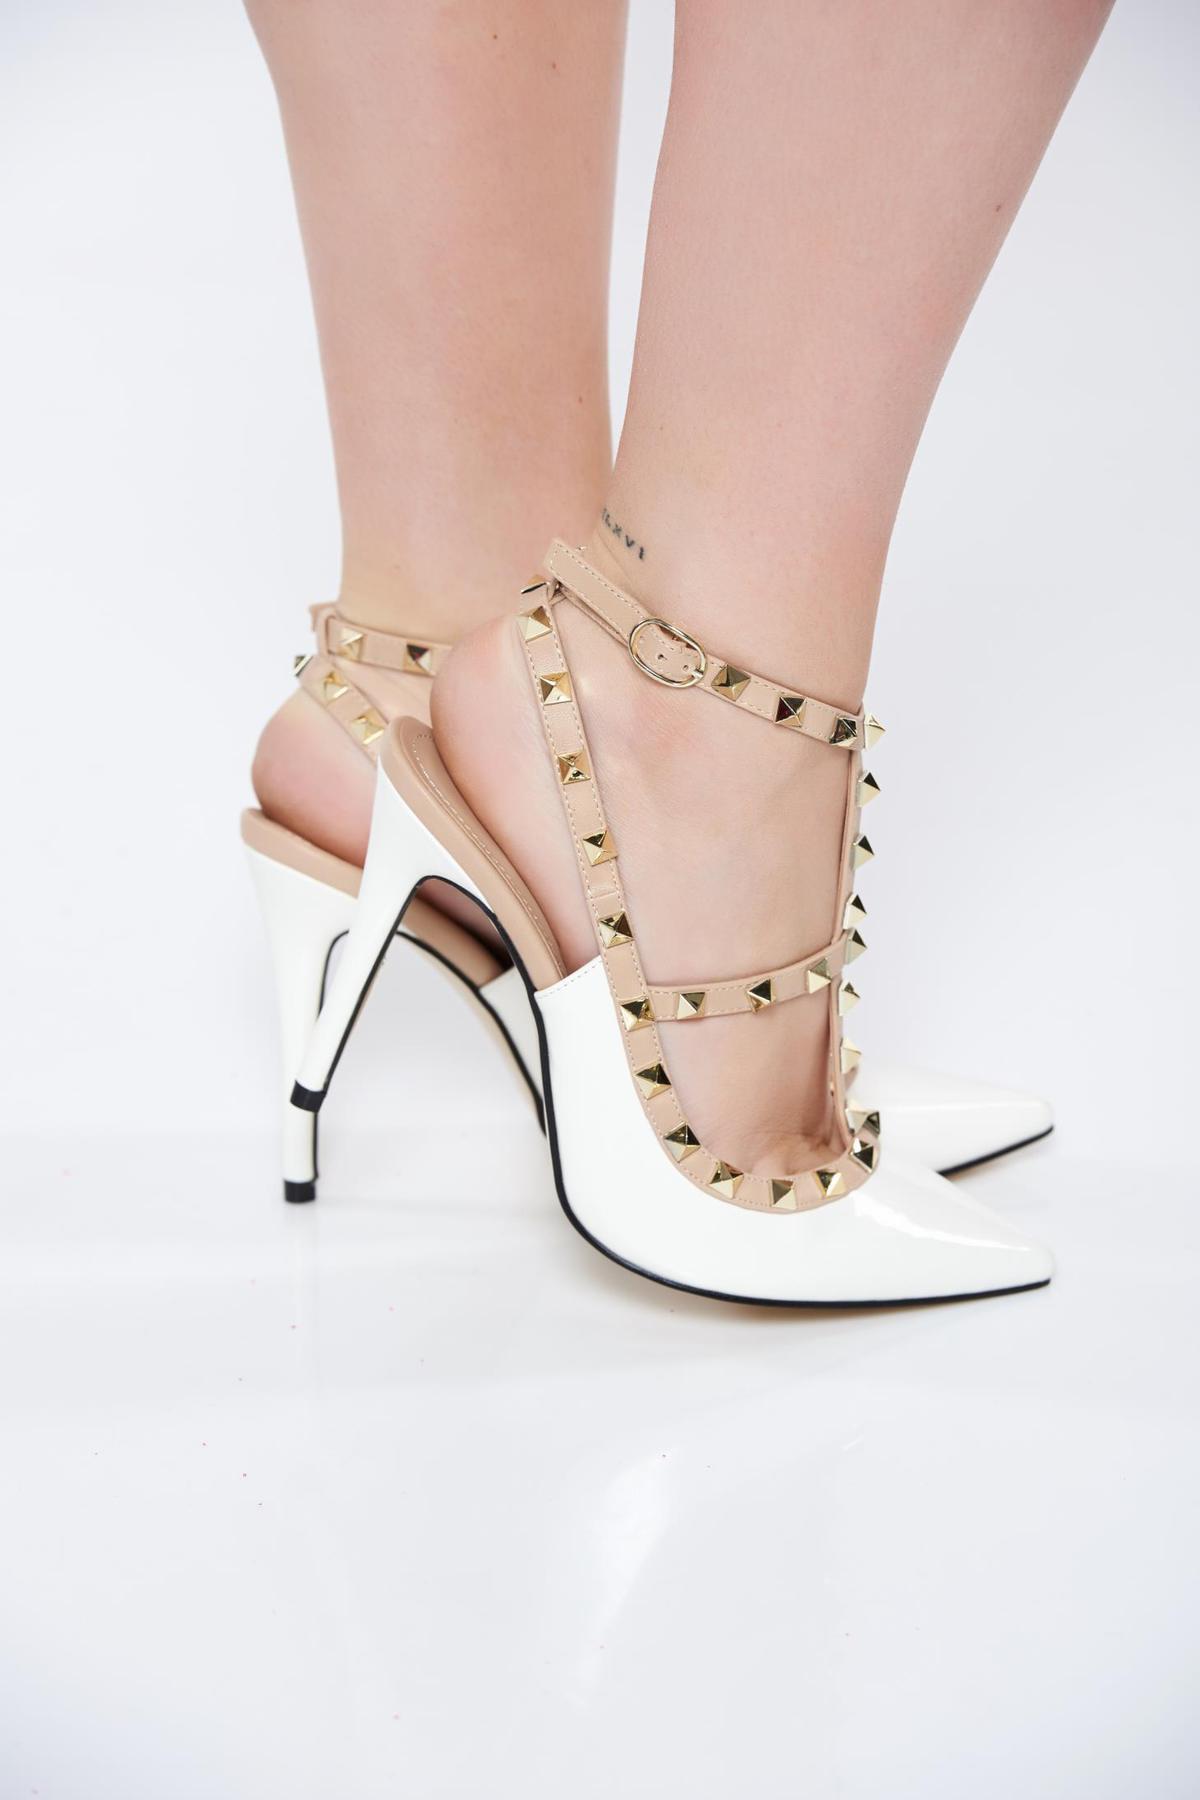 Pantofi stiletto albi eleganti din piele ecologica lacuita cu toc inalt si tinte metalice